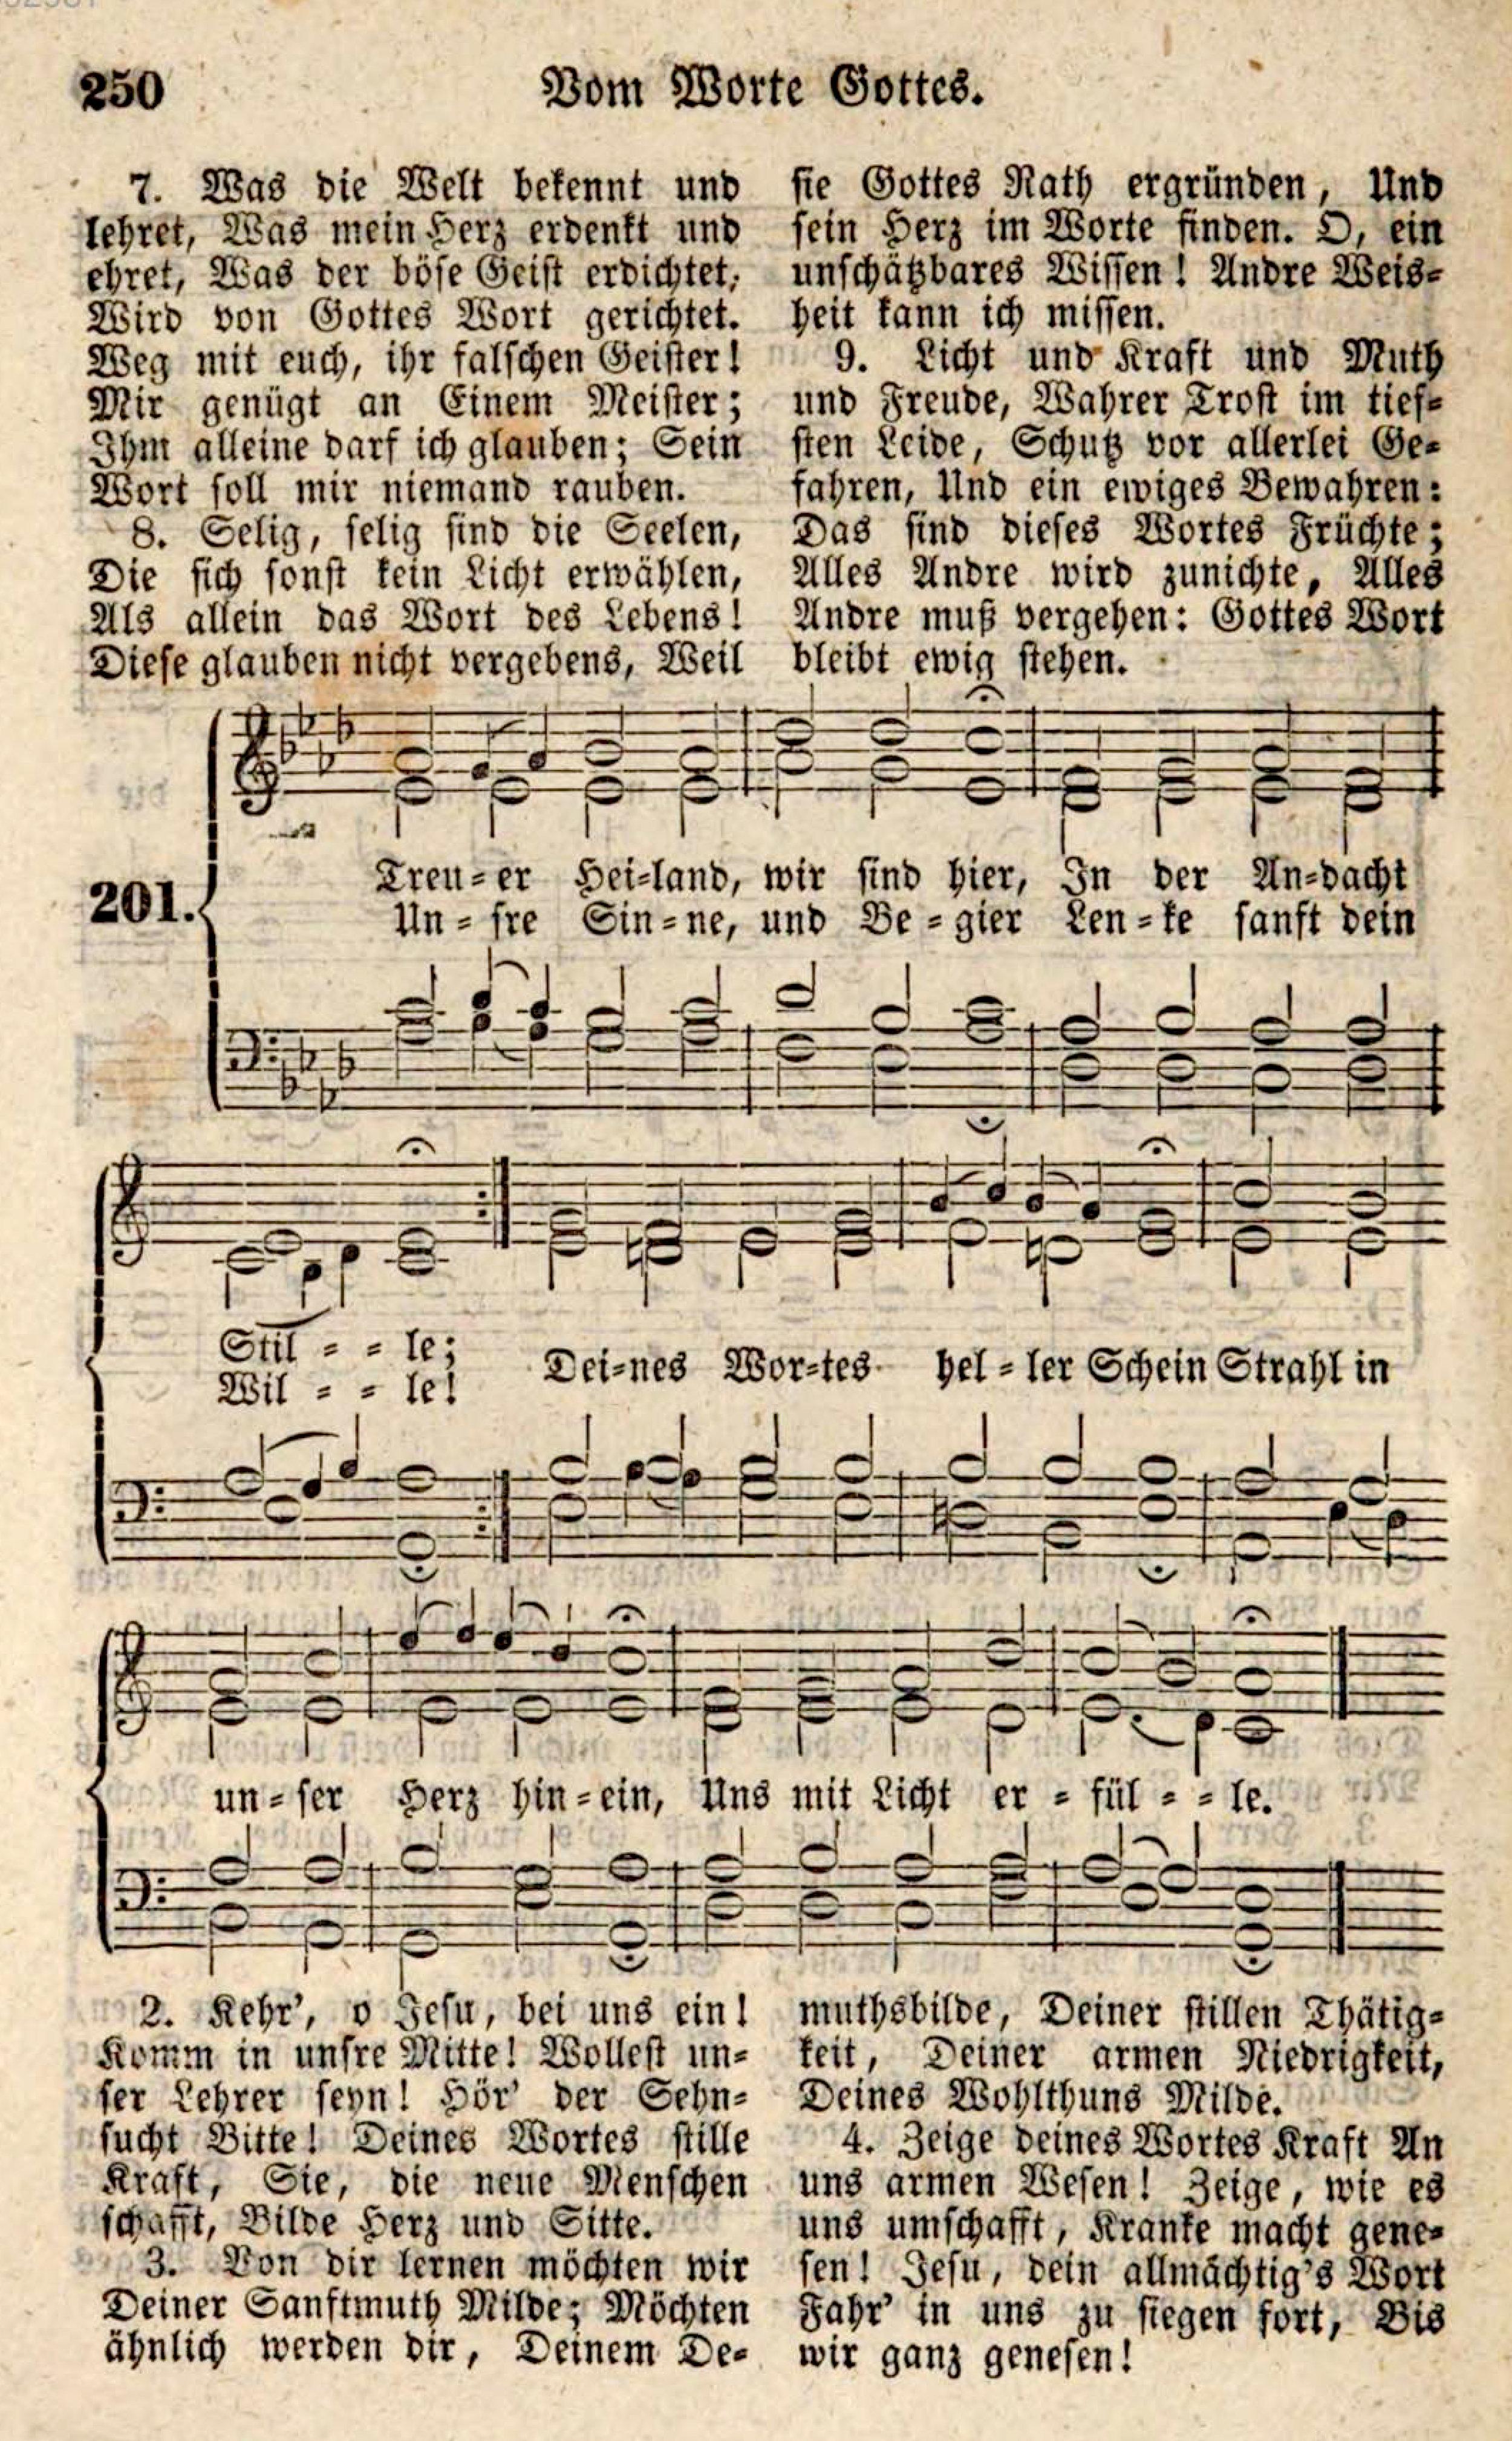 Fig. 3.   Stimmen aus dem Reiche Gottes  (Stuttgart, 1838).